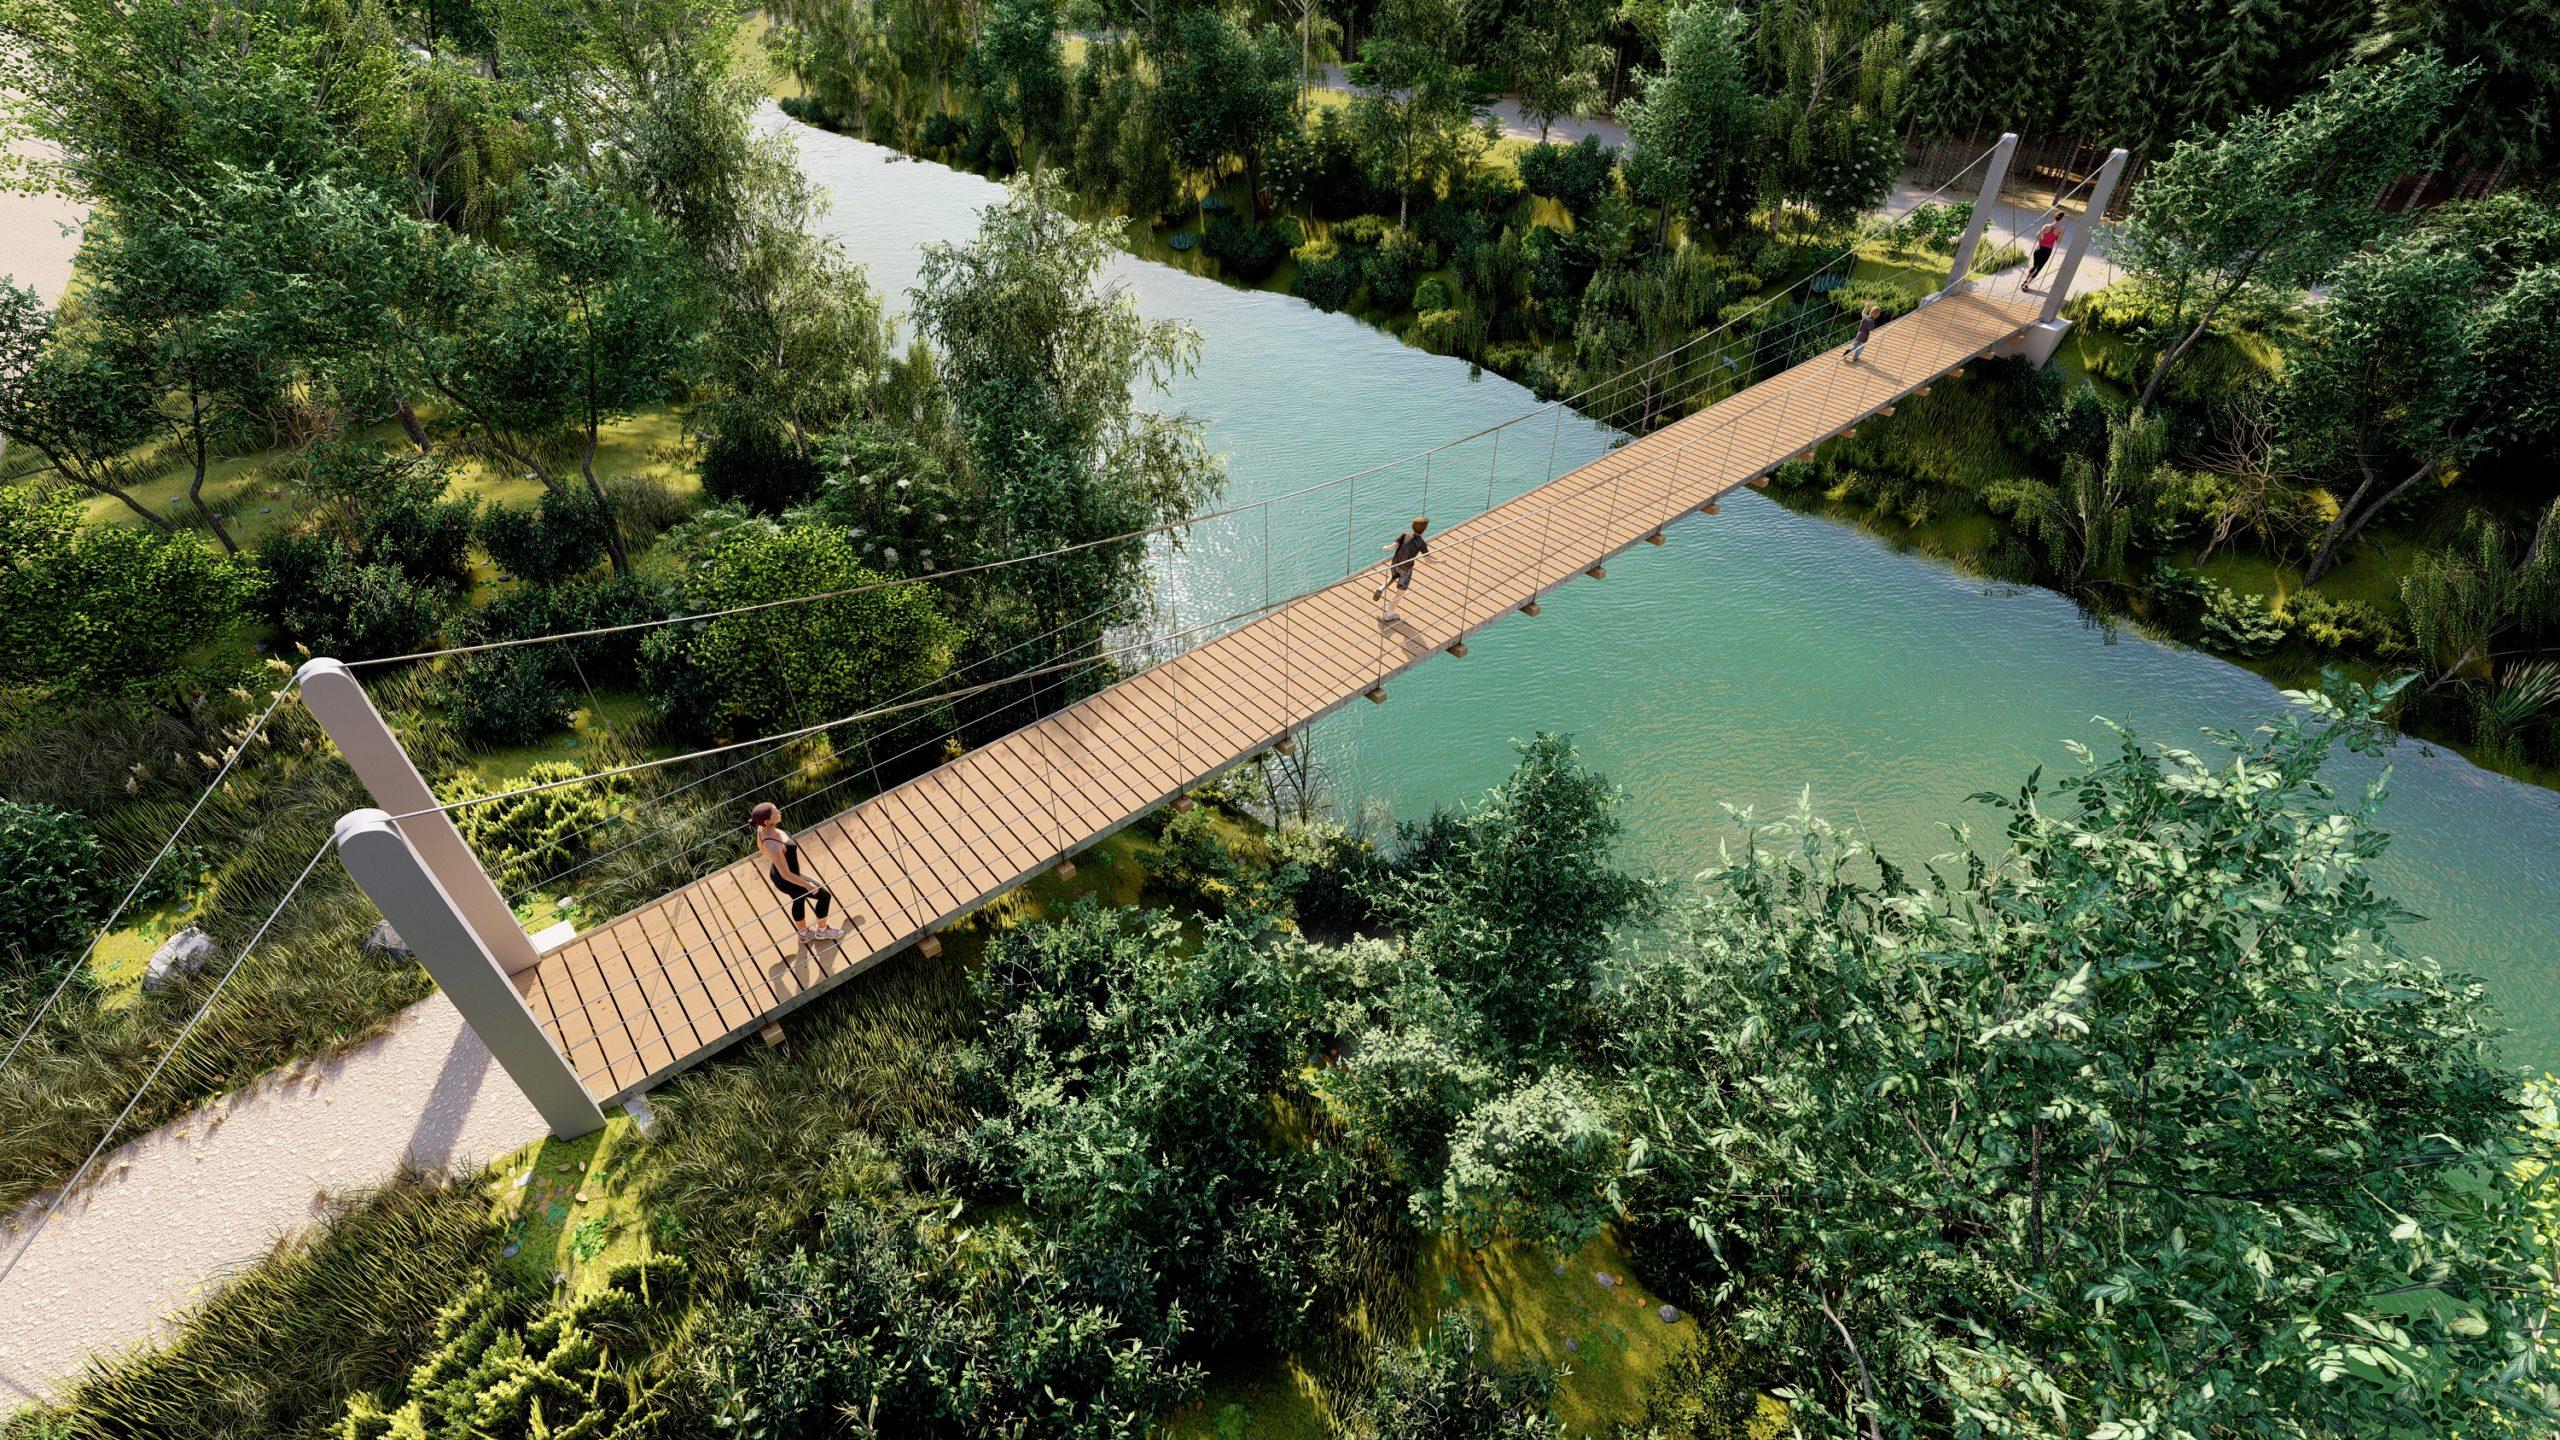 Puente sobre el río Cubillas en Fuente Vaqueros. Granada.